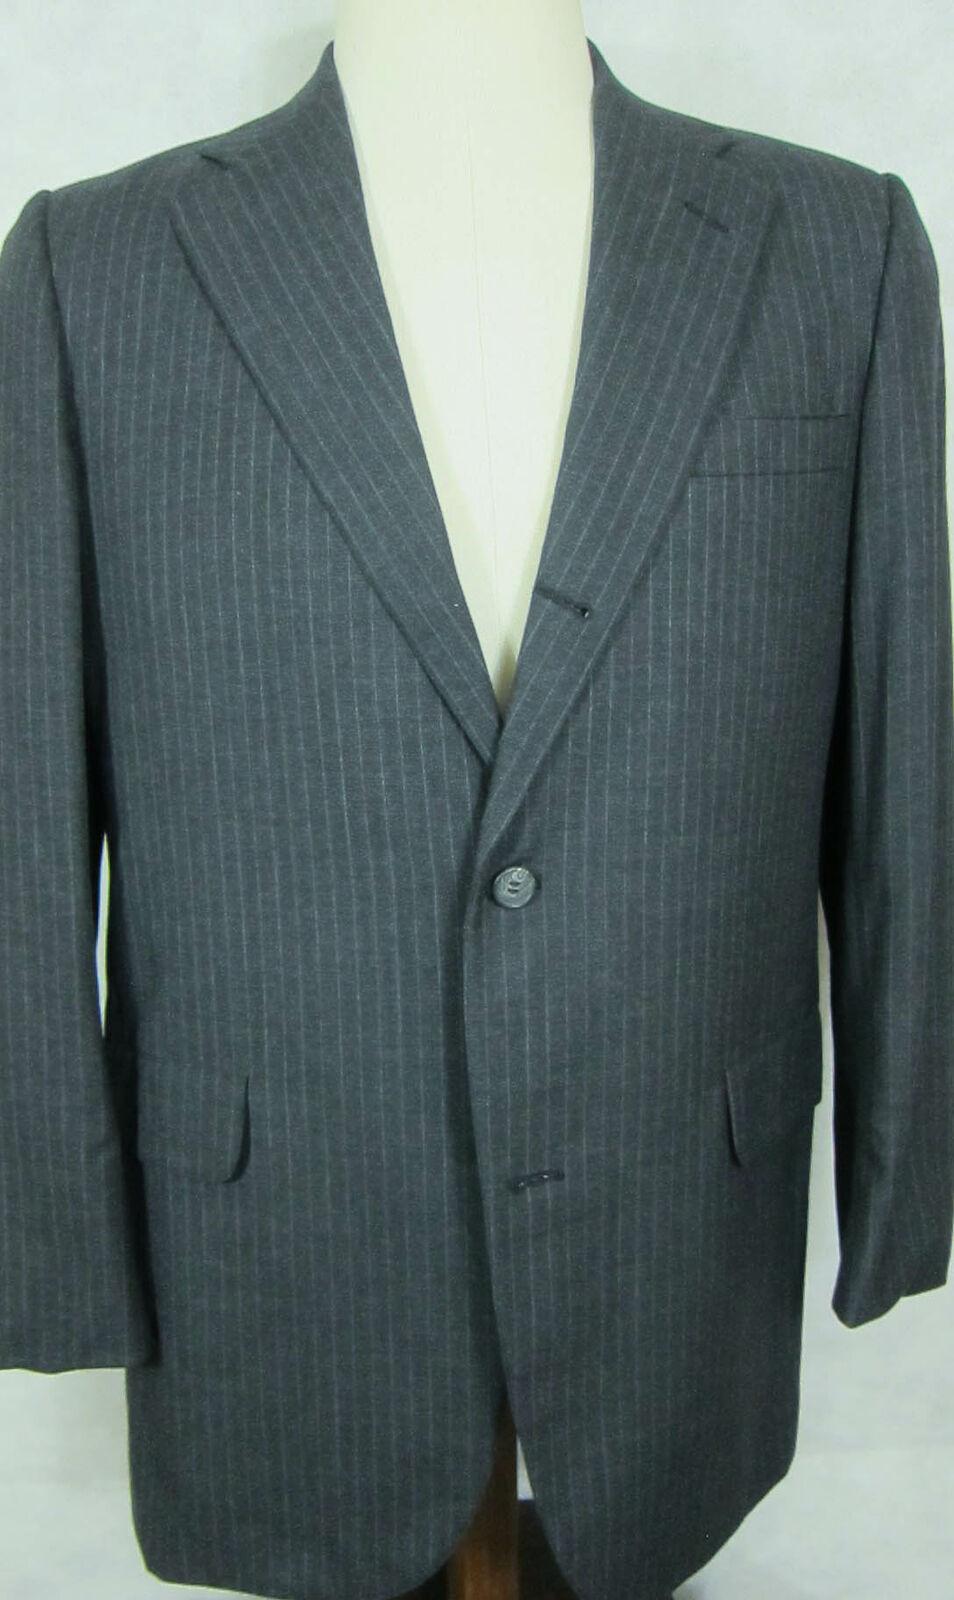 Pristine Vintage Brooks Brothers 346 Grau Streifen Wollanzug 41l 36w 36 X 30  | Good Design  | Qualitätskönigin  | Preiszugeständnisse